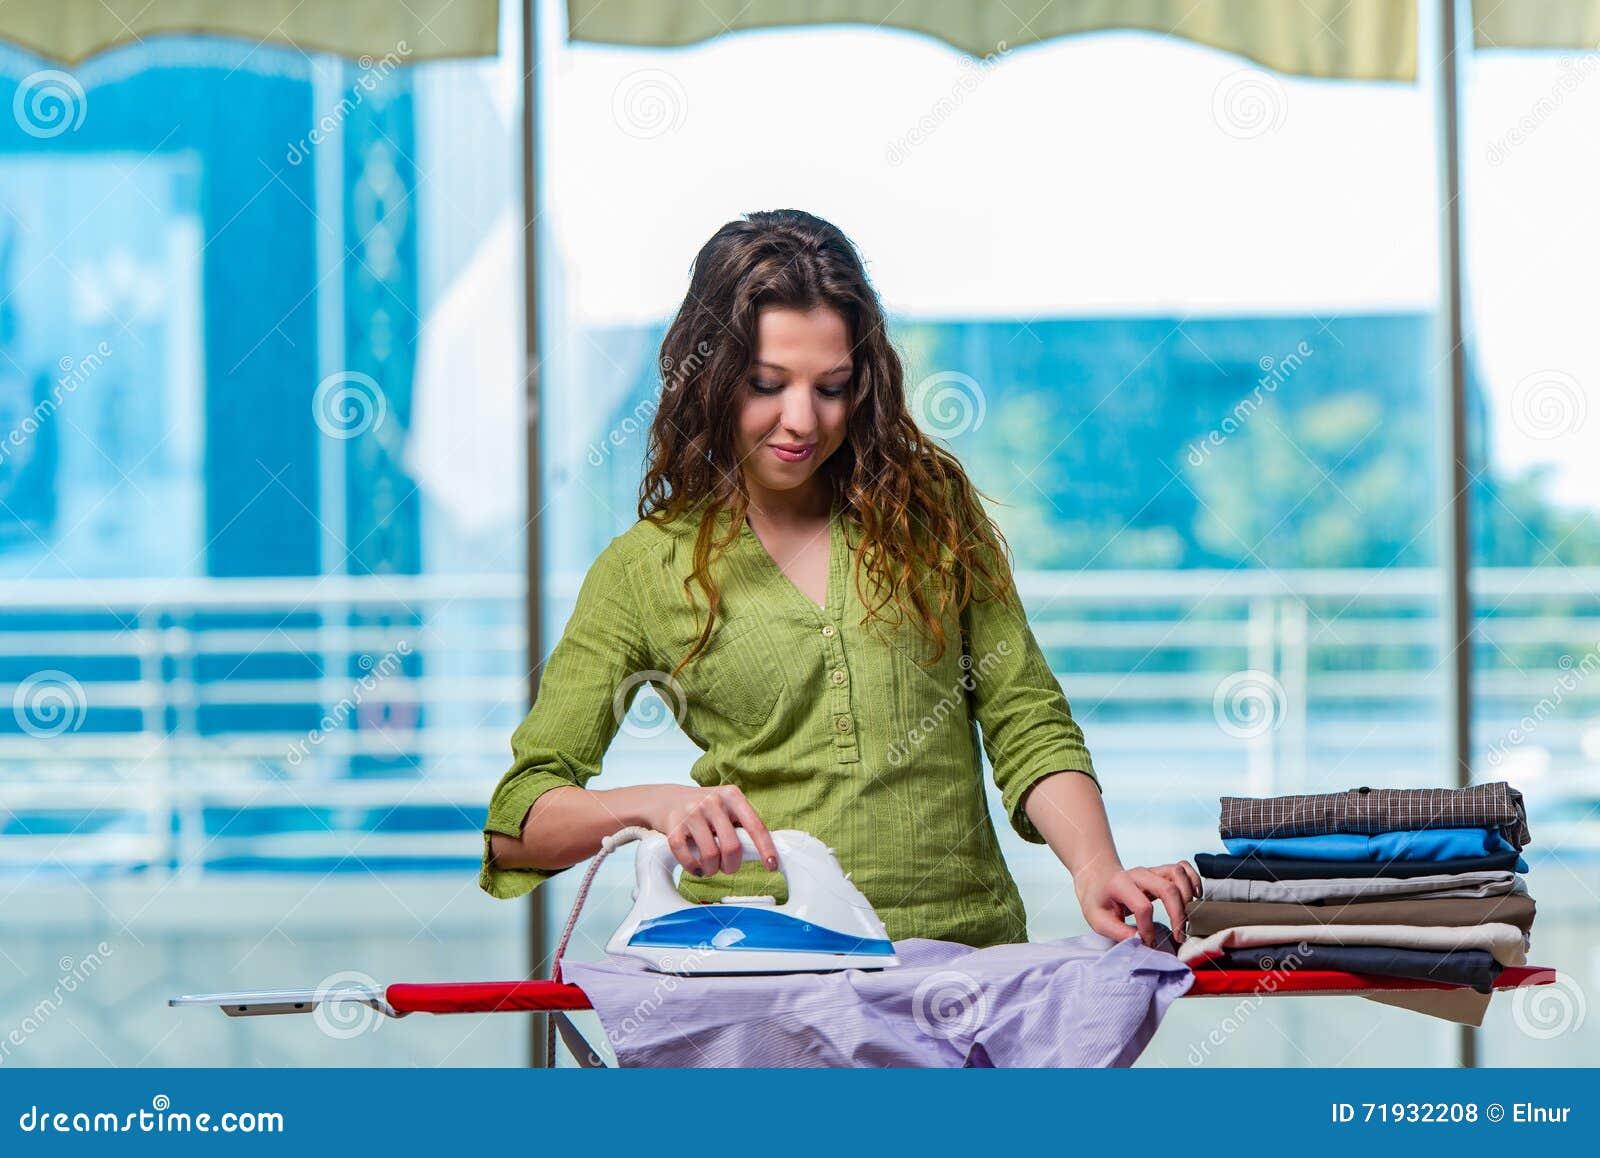 Одежда молодой женщины утюжа на борту